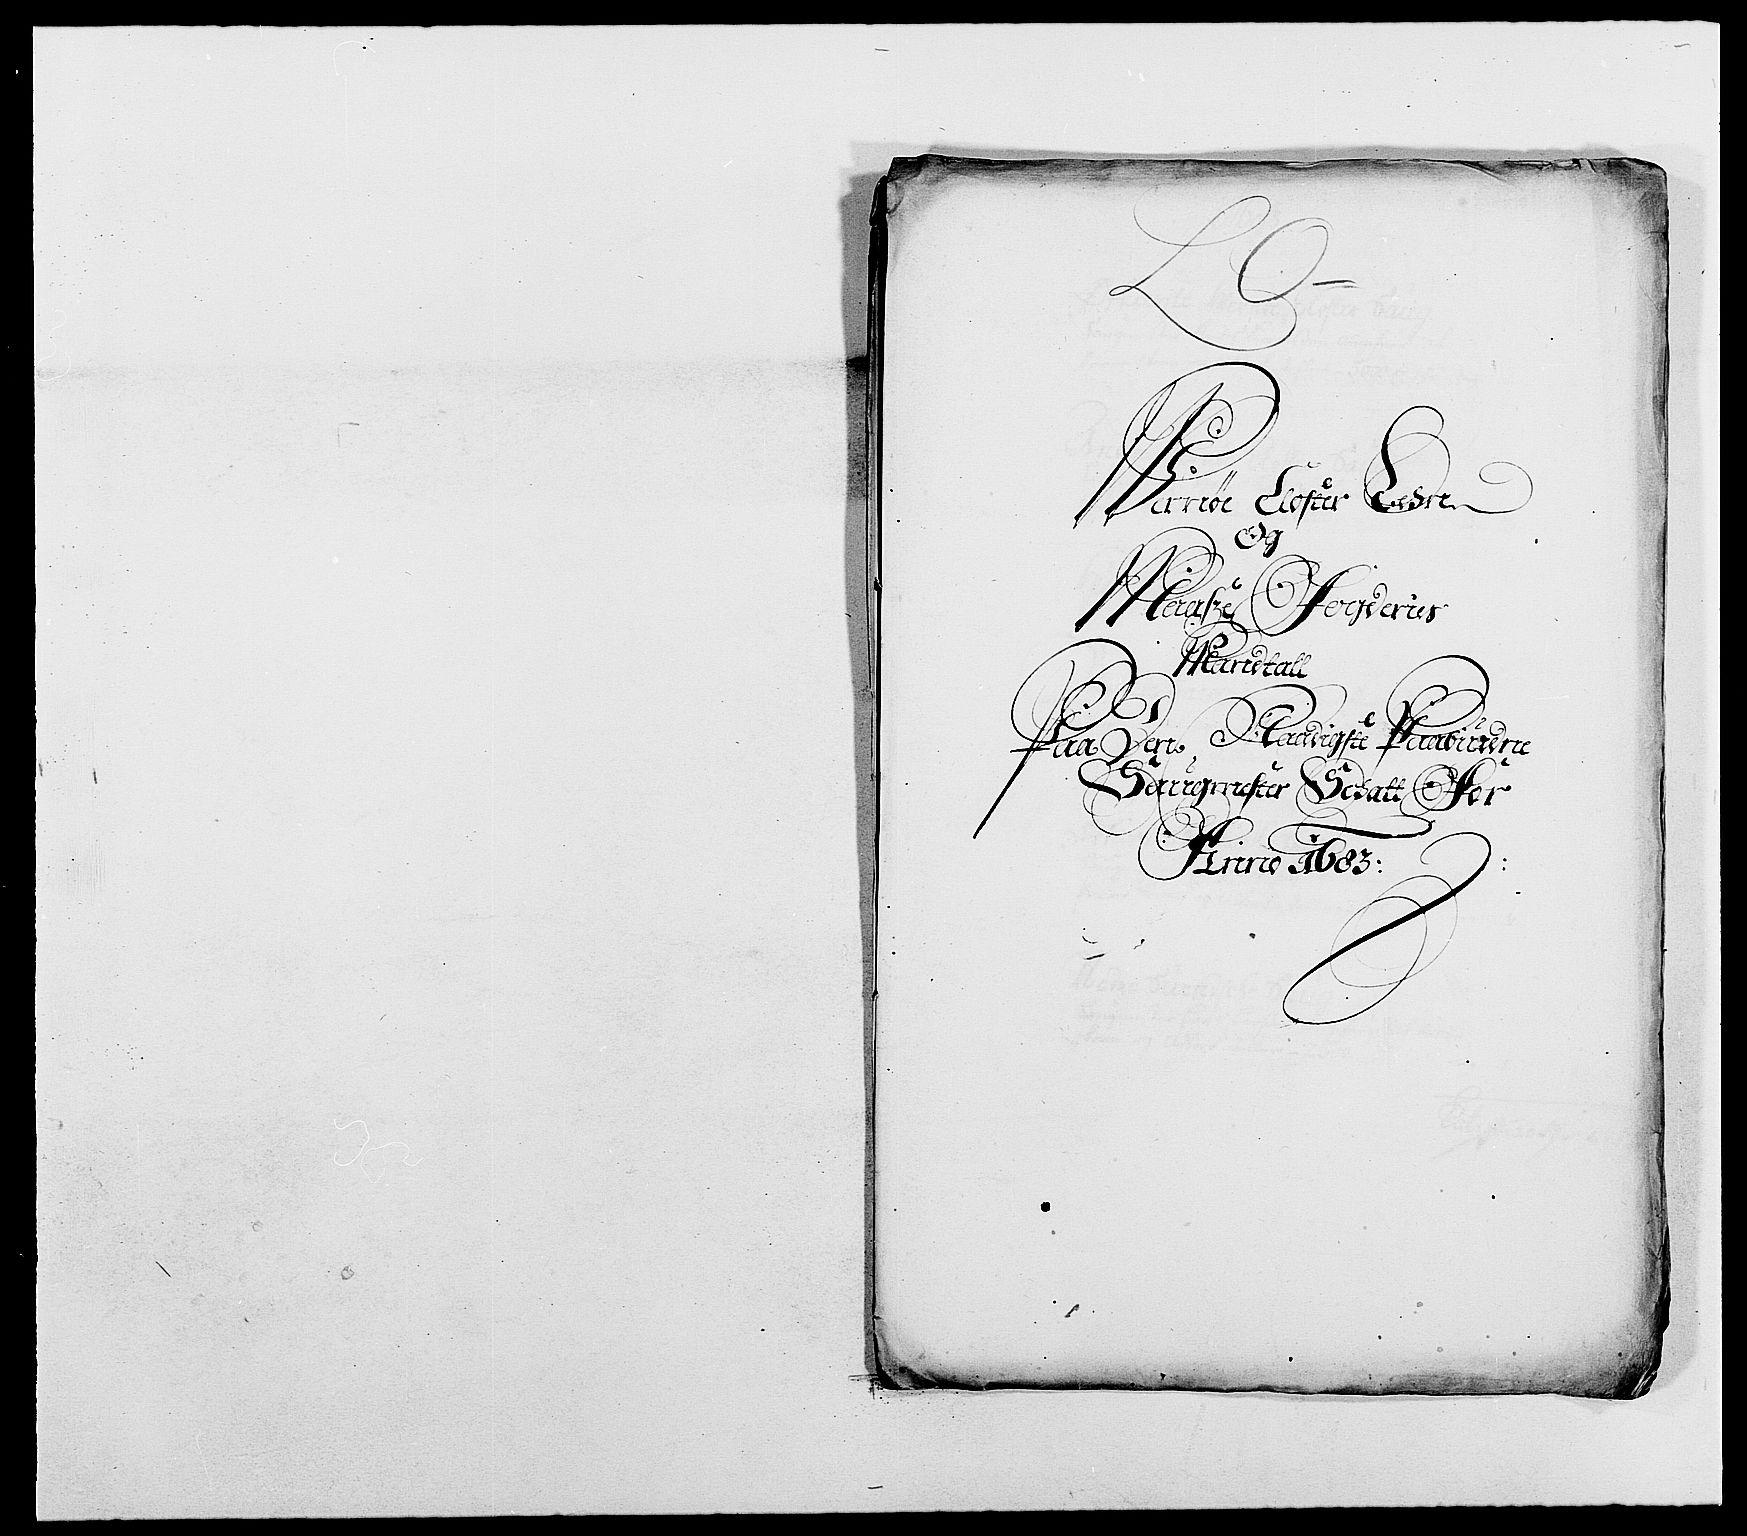 RA, Rentekammeret inntil 1814, Reviderte regnskaper, Fogderegnskap, R02/L0103: Fogderegnskap Moss og Verne kloster, 1682-1684, p. 416